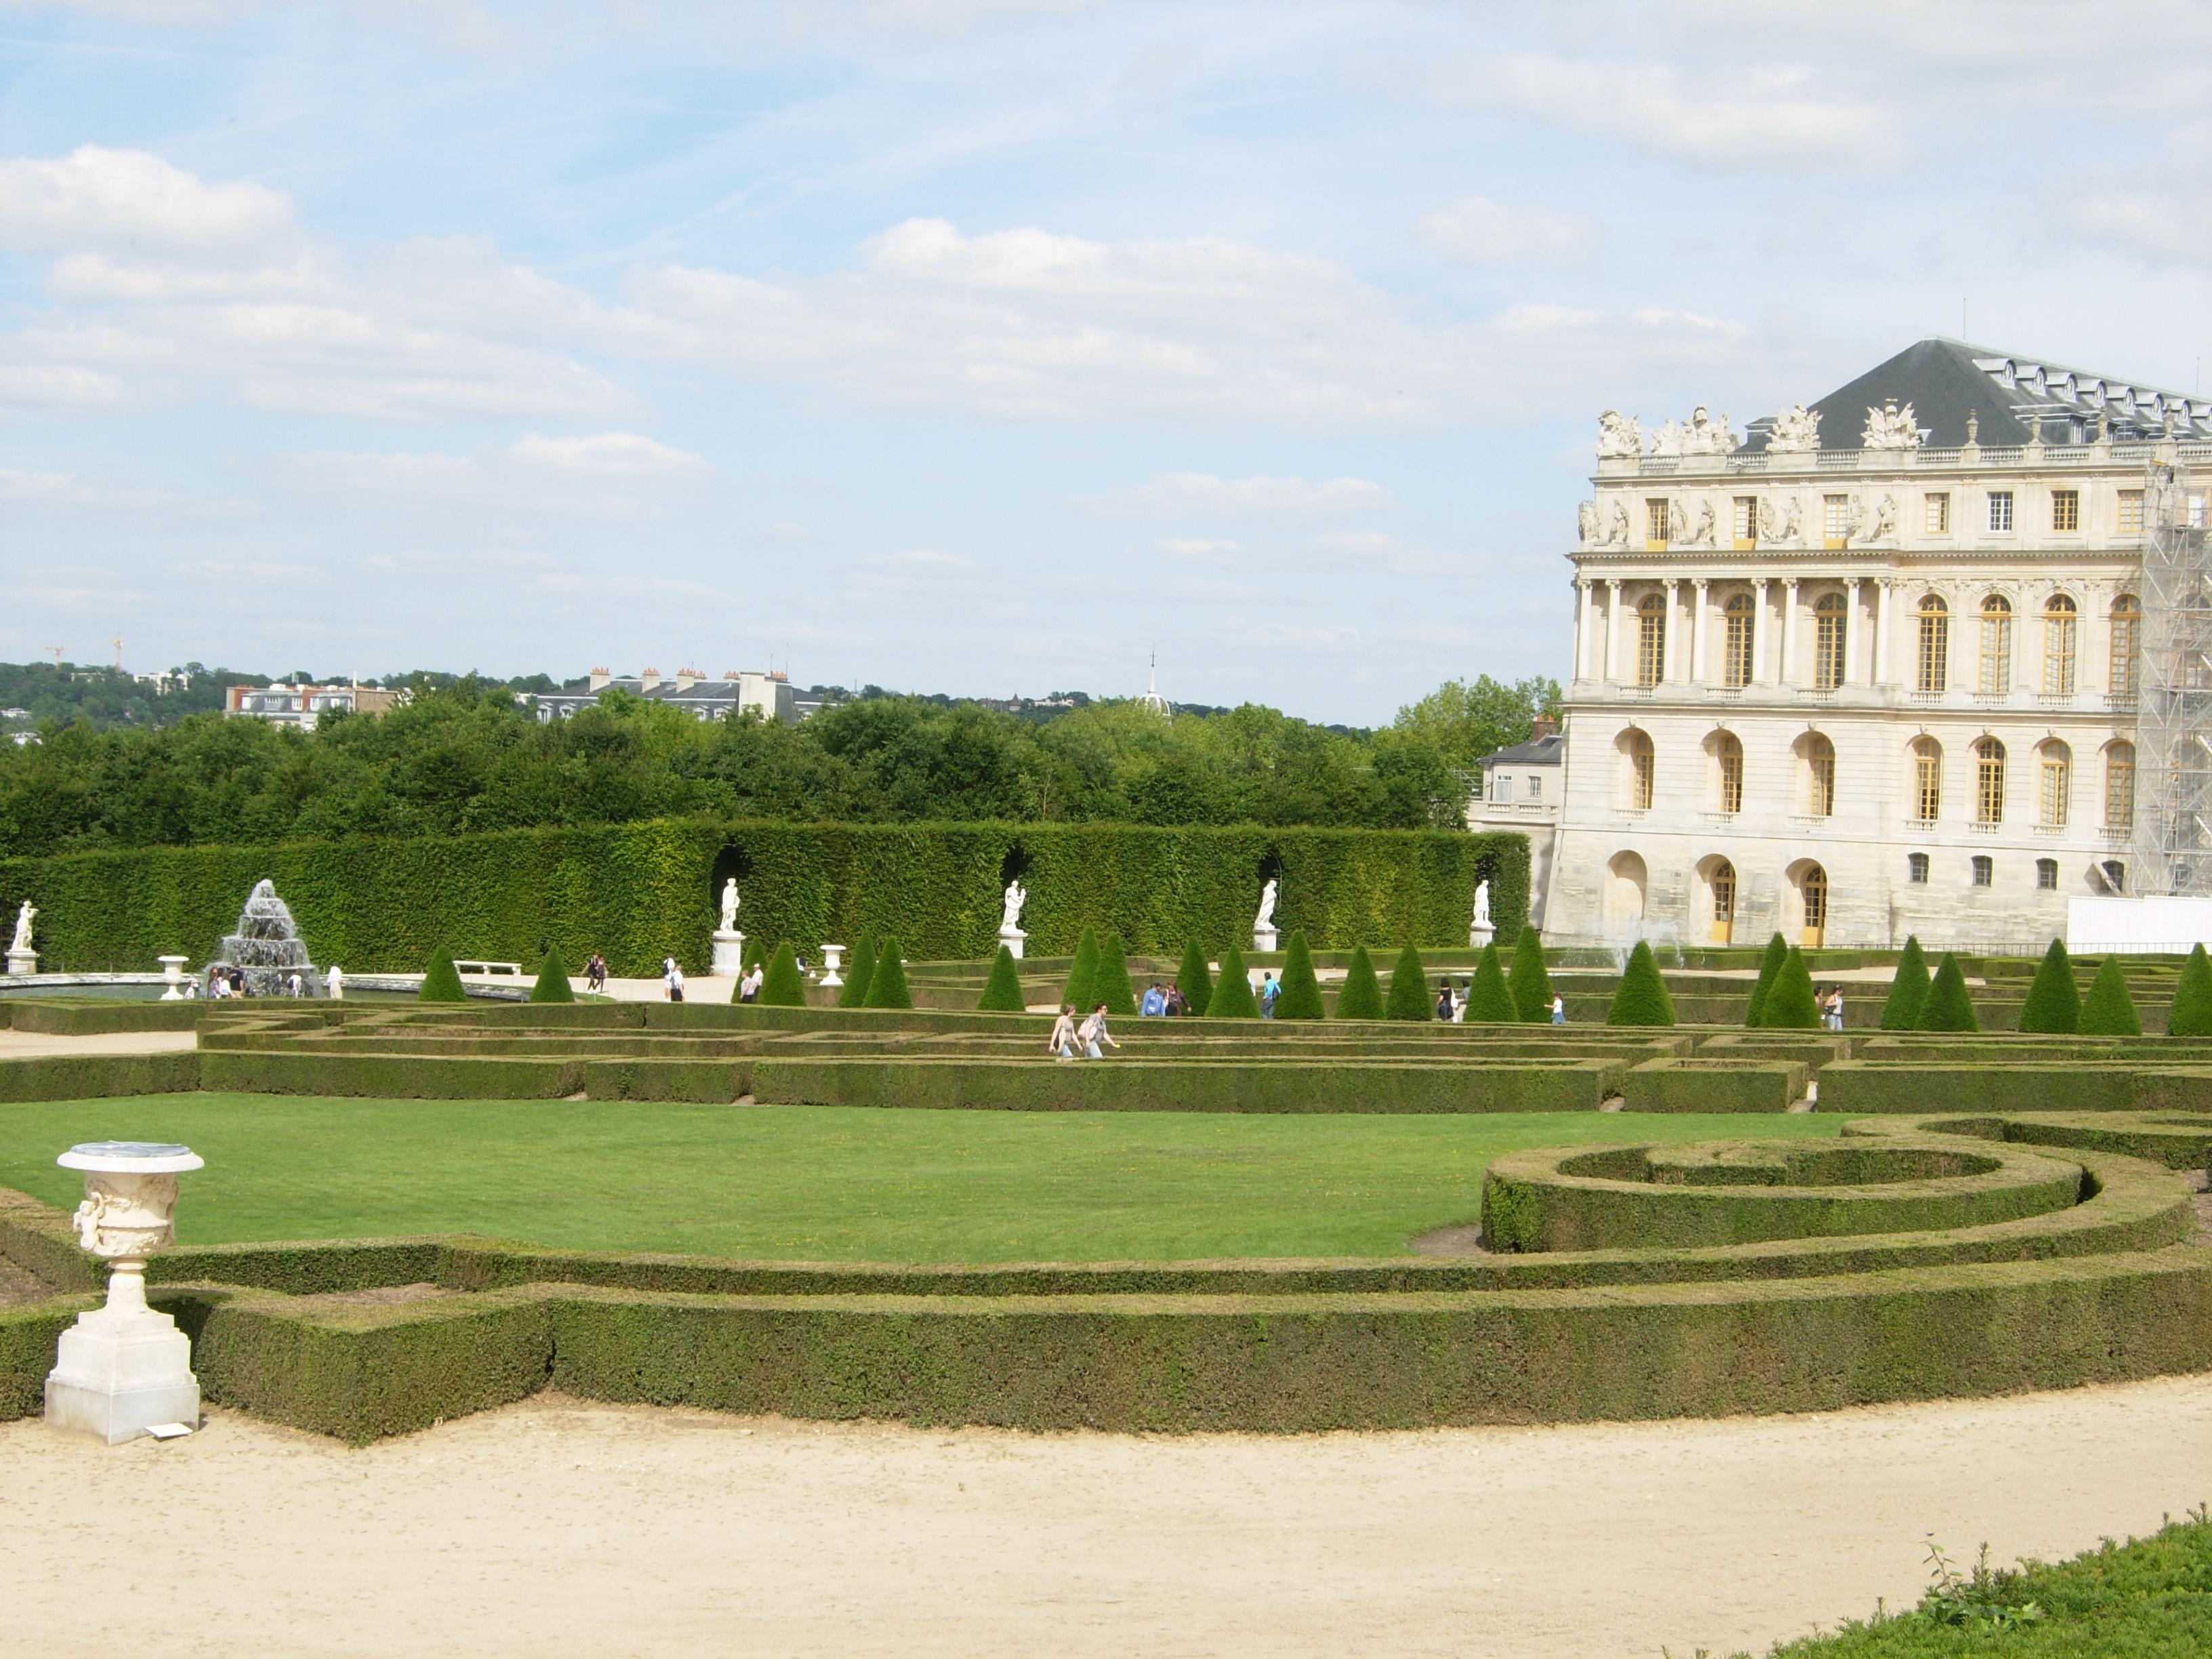 文化巴黎的魅力——凡尔赛宫_图1-12